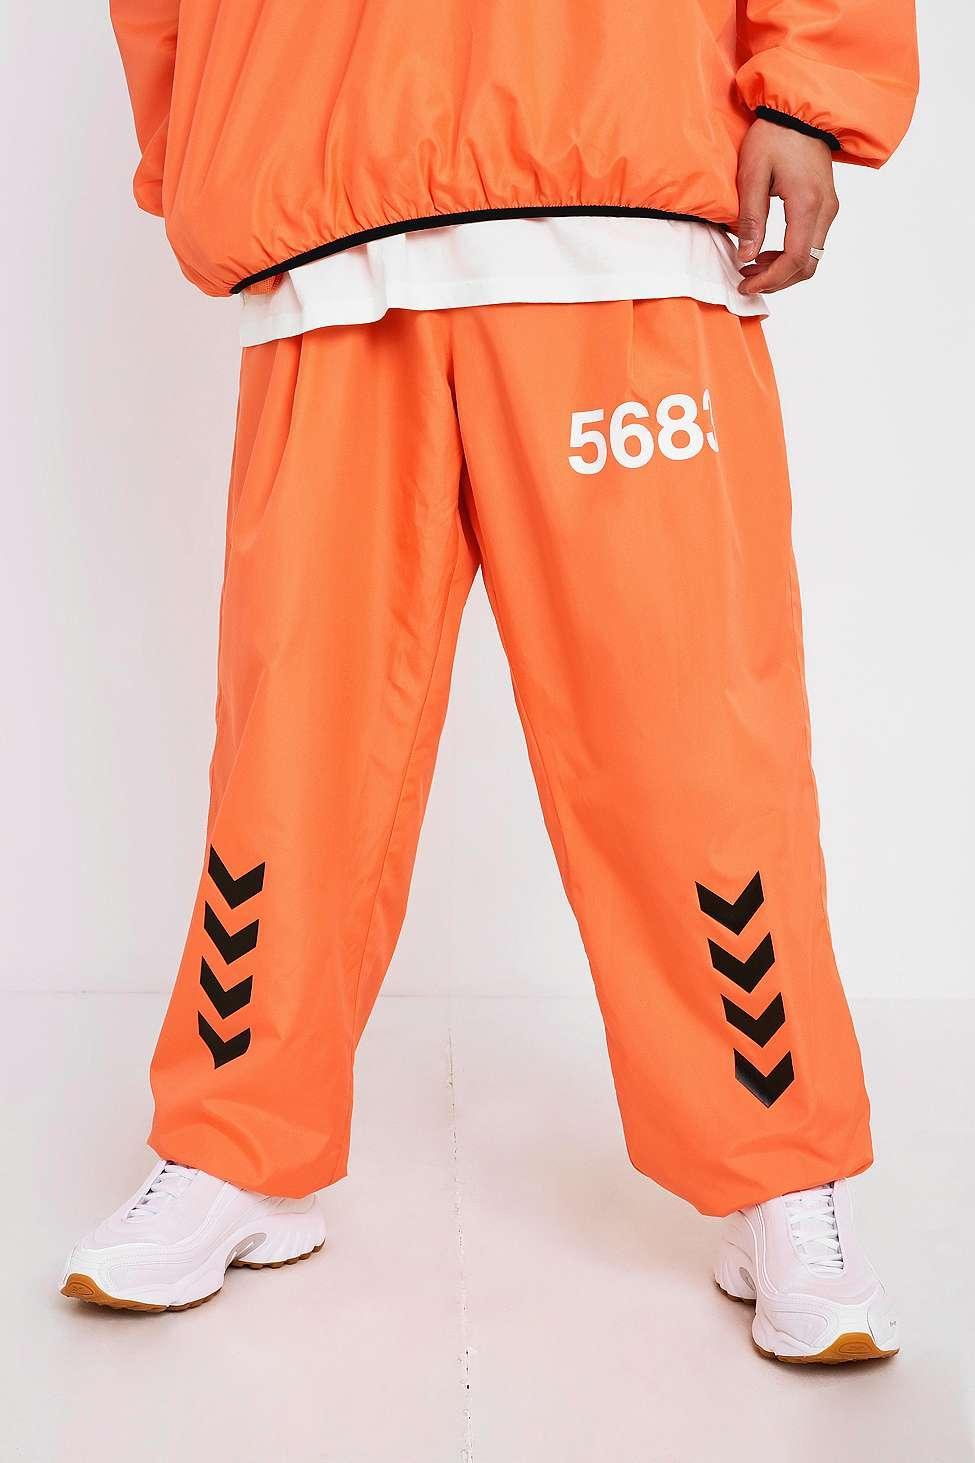 wyglądają dobrze wyprzedaż buty różne style sklep X Willy Chavarria Orange Track Pants